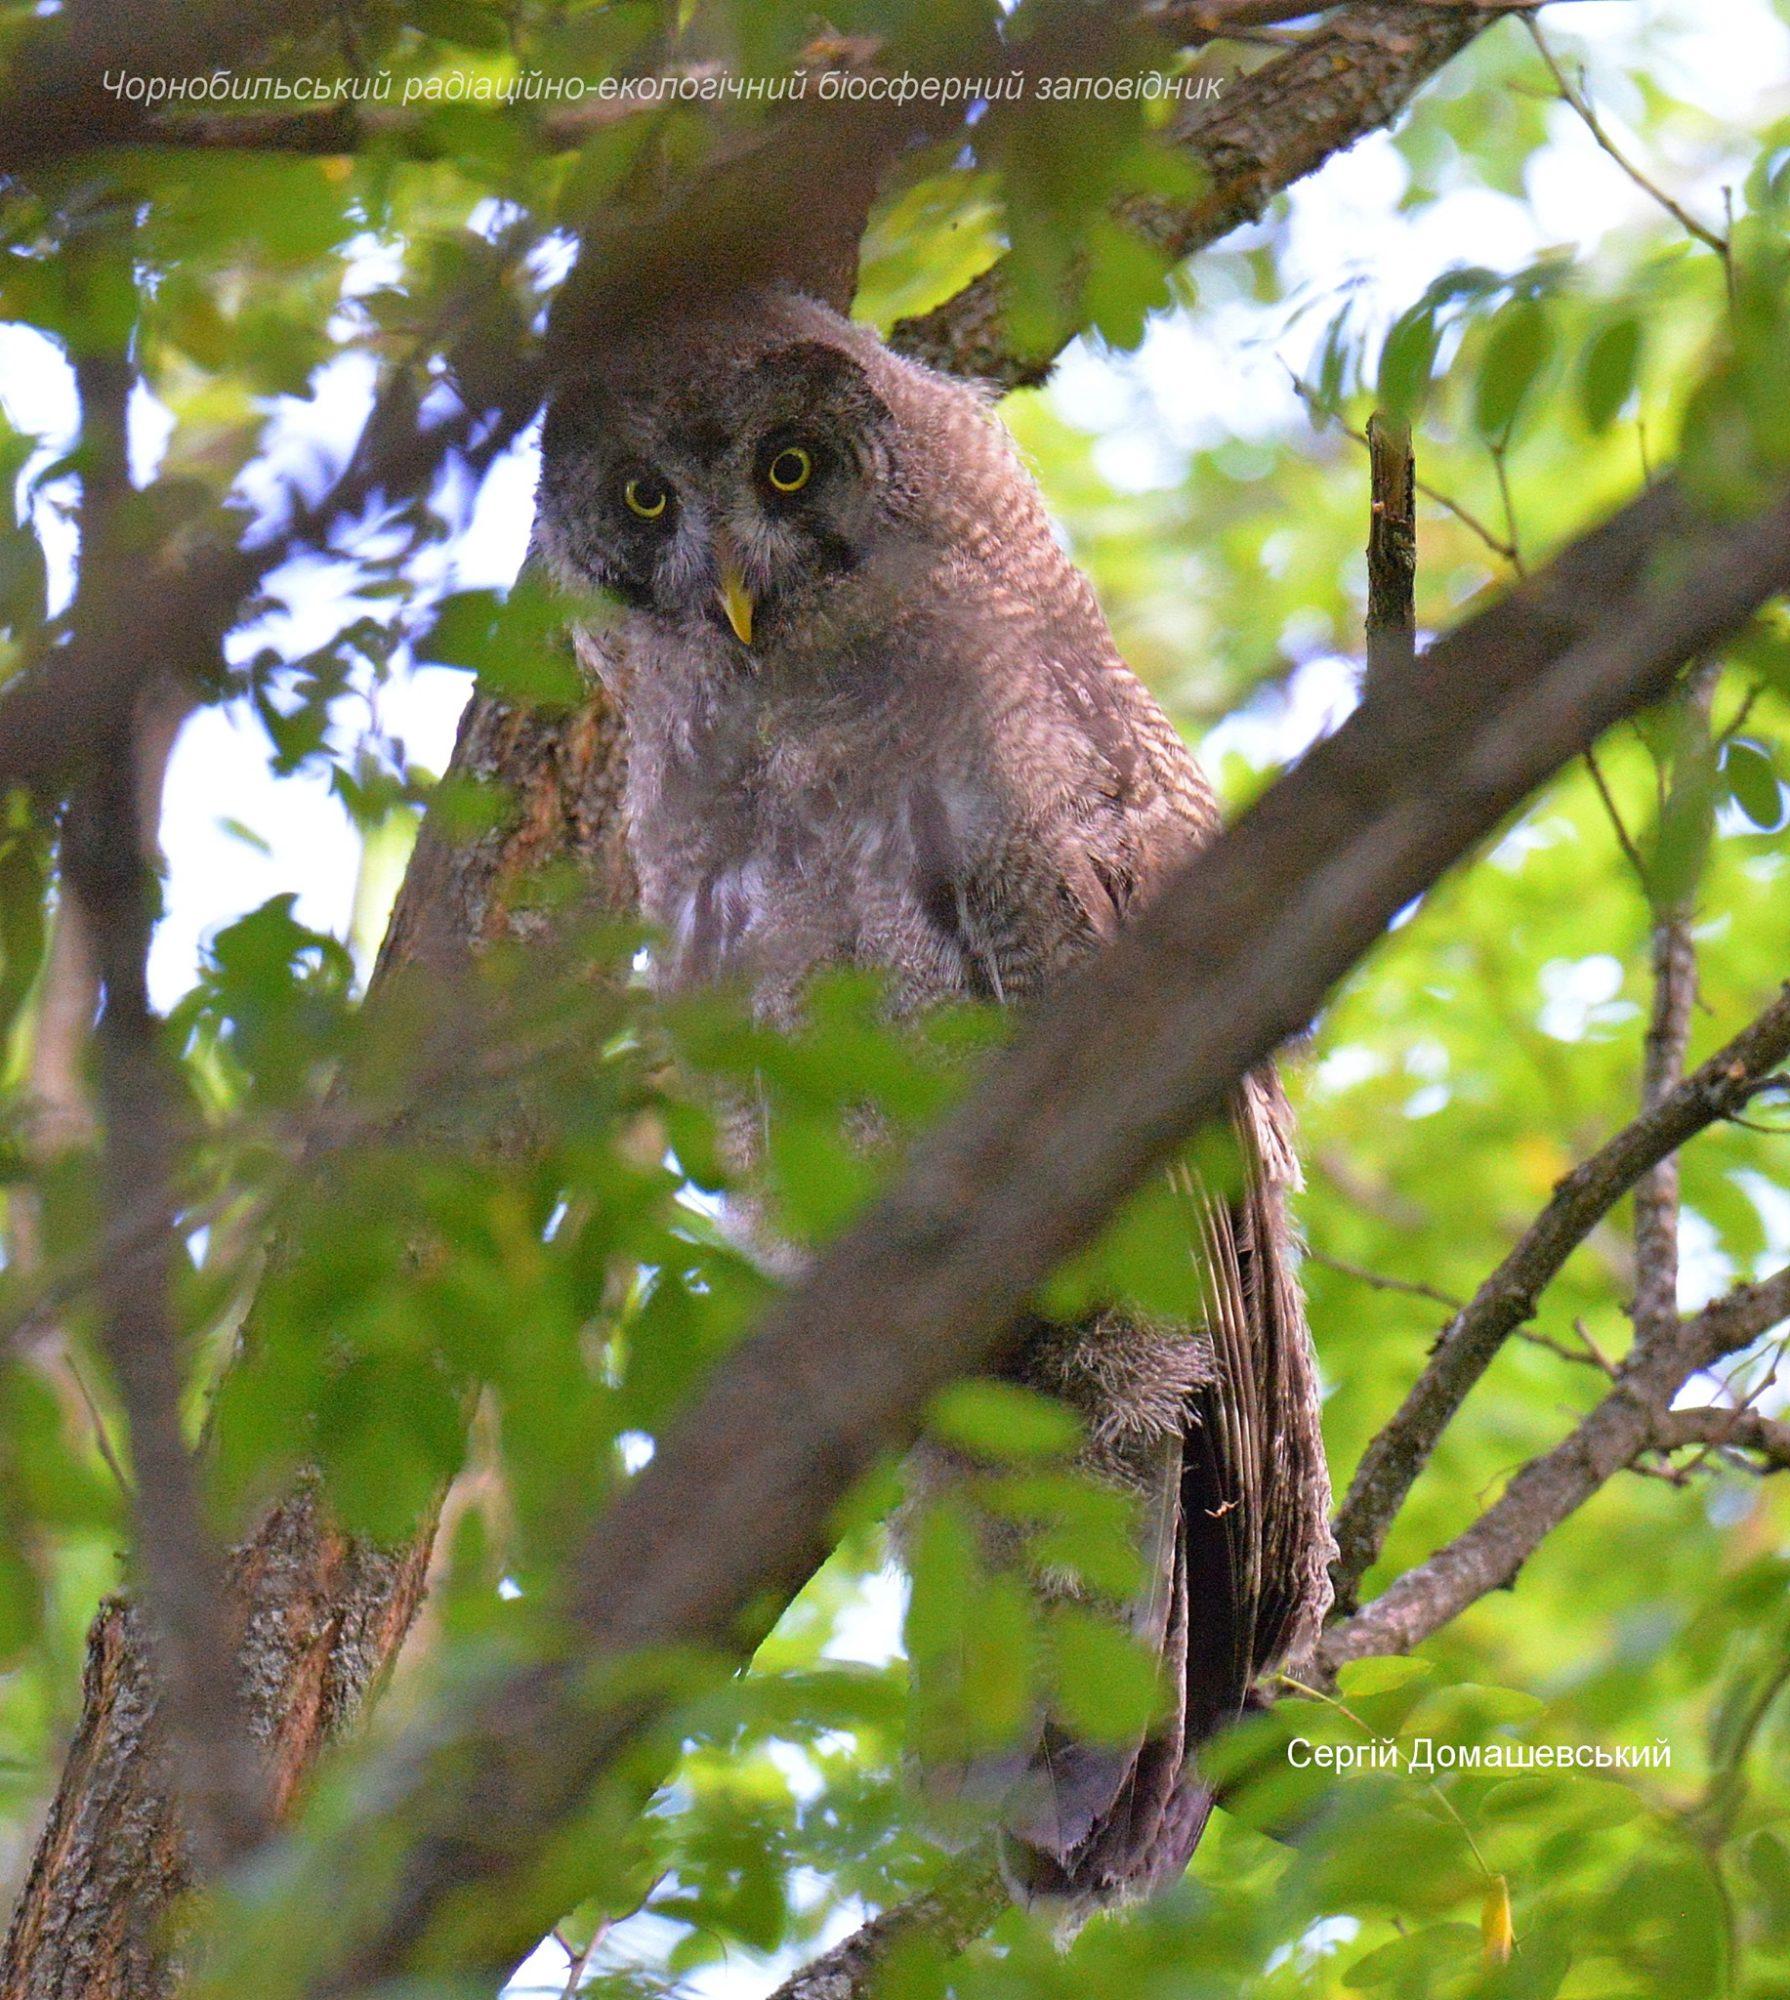 У Чорнобилі мешкає рідкісна сова, яка нападає на дослідників - Птахи, природа, Зона відчуження - 128784220 821484838408605 4993320078495353391 o 1790x2000